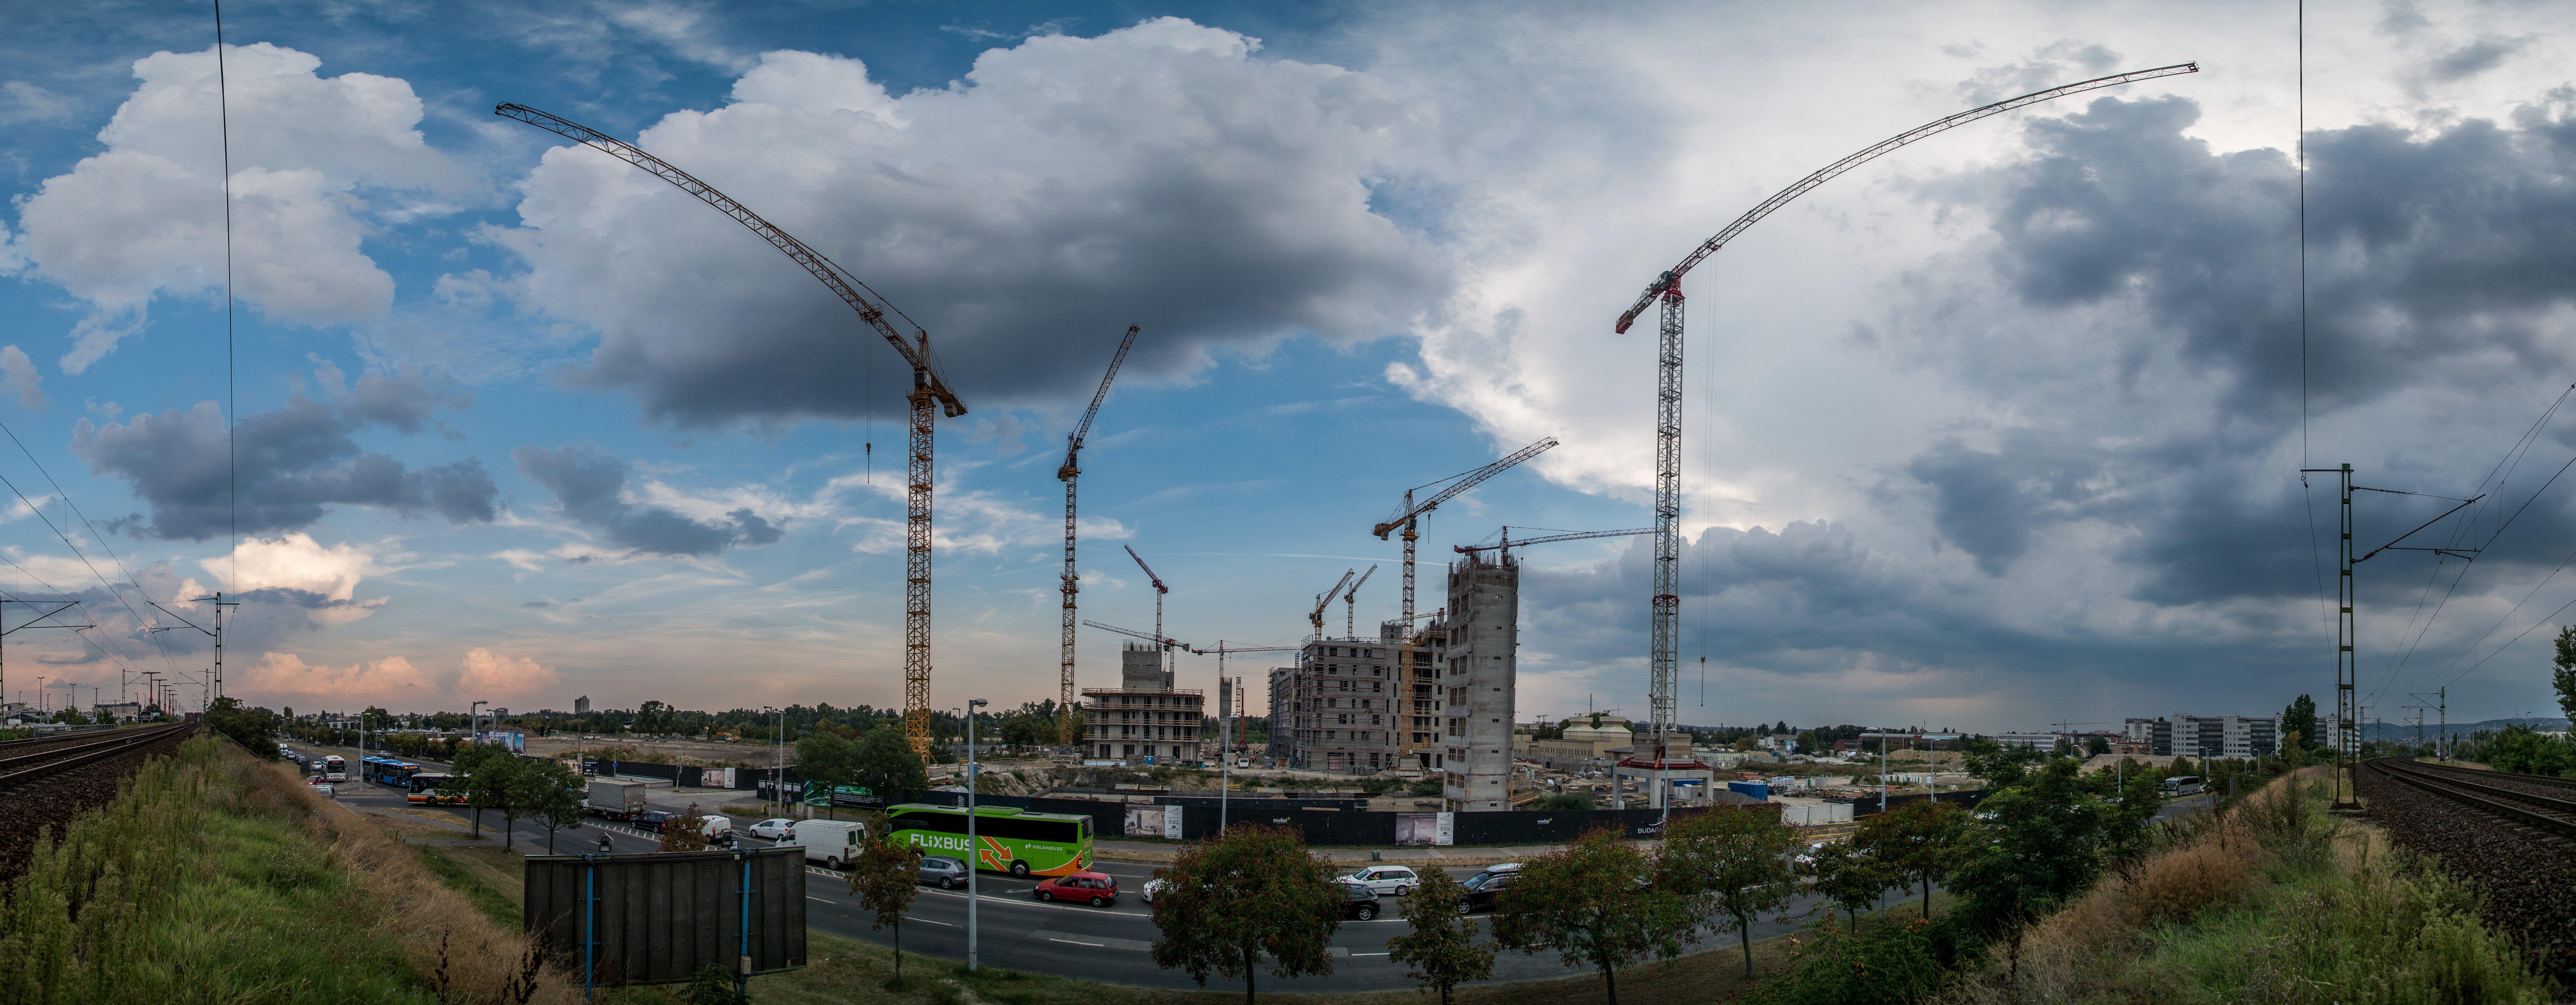 Durván visszaesett az építőipari termelés februárban